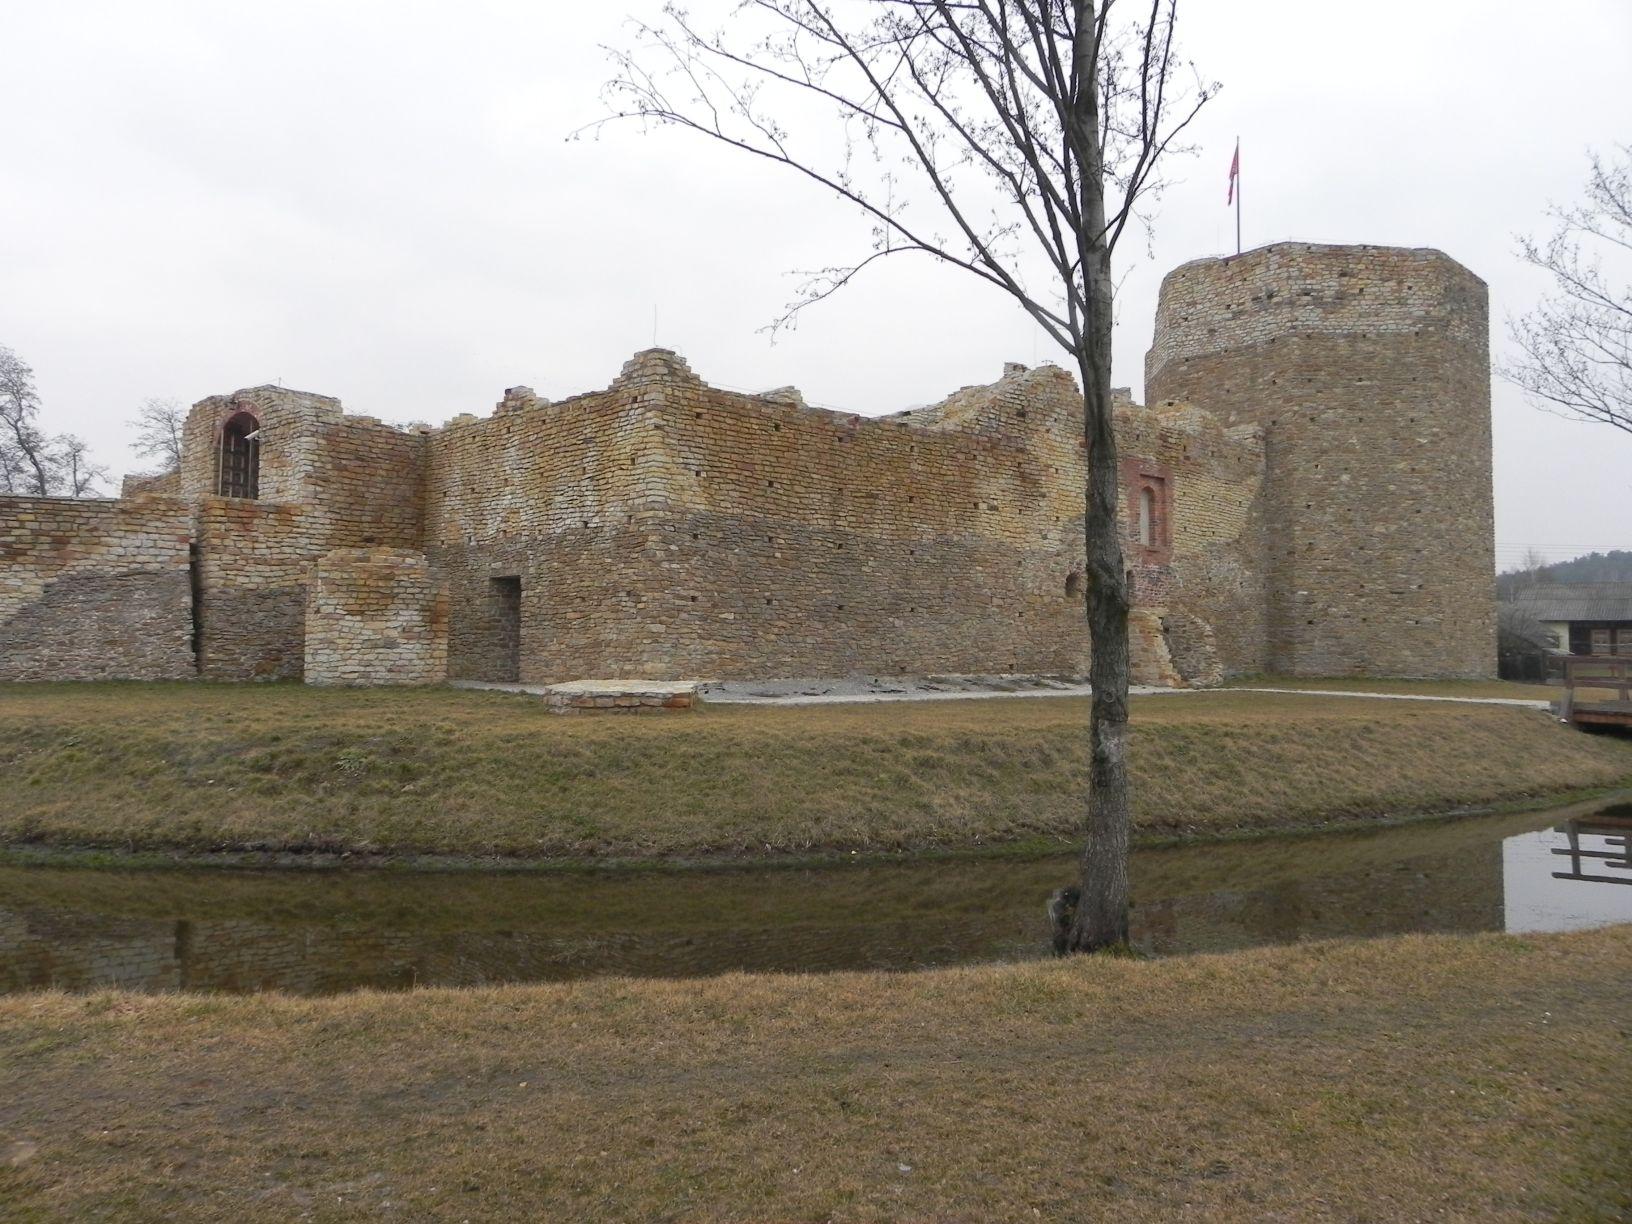 2014-01-05 Inowłódz - Ruiny zamku (4)